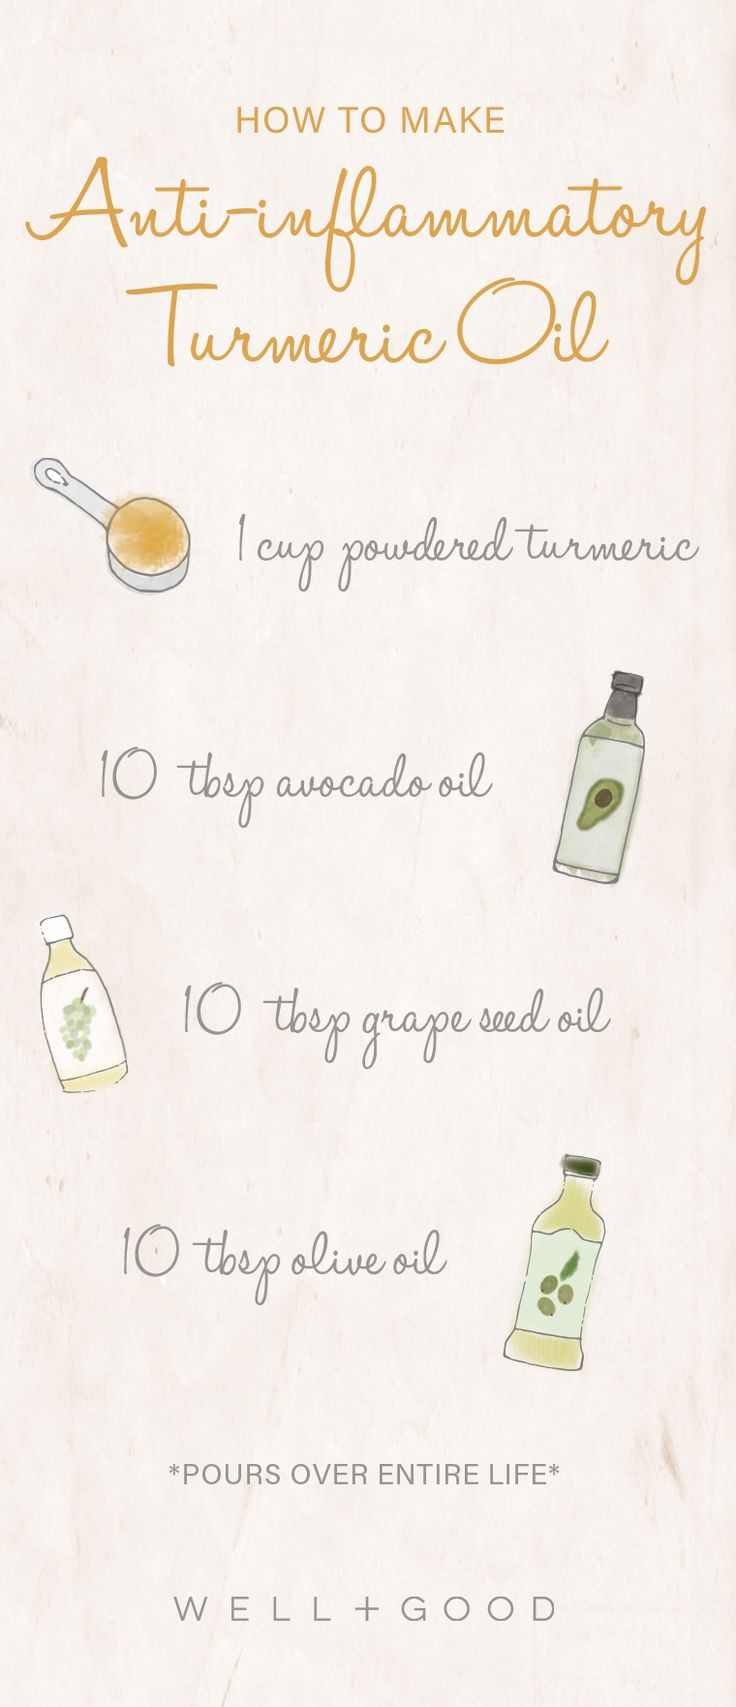 David Bouley's Anti-inflammatory turmeric oil recipe